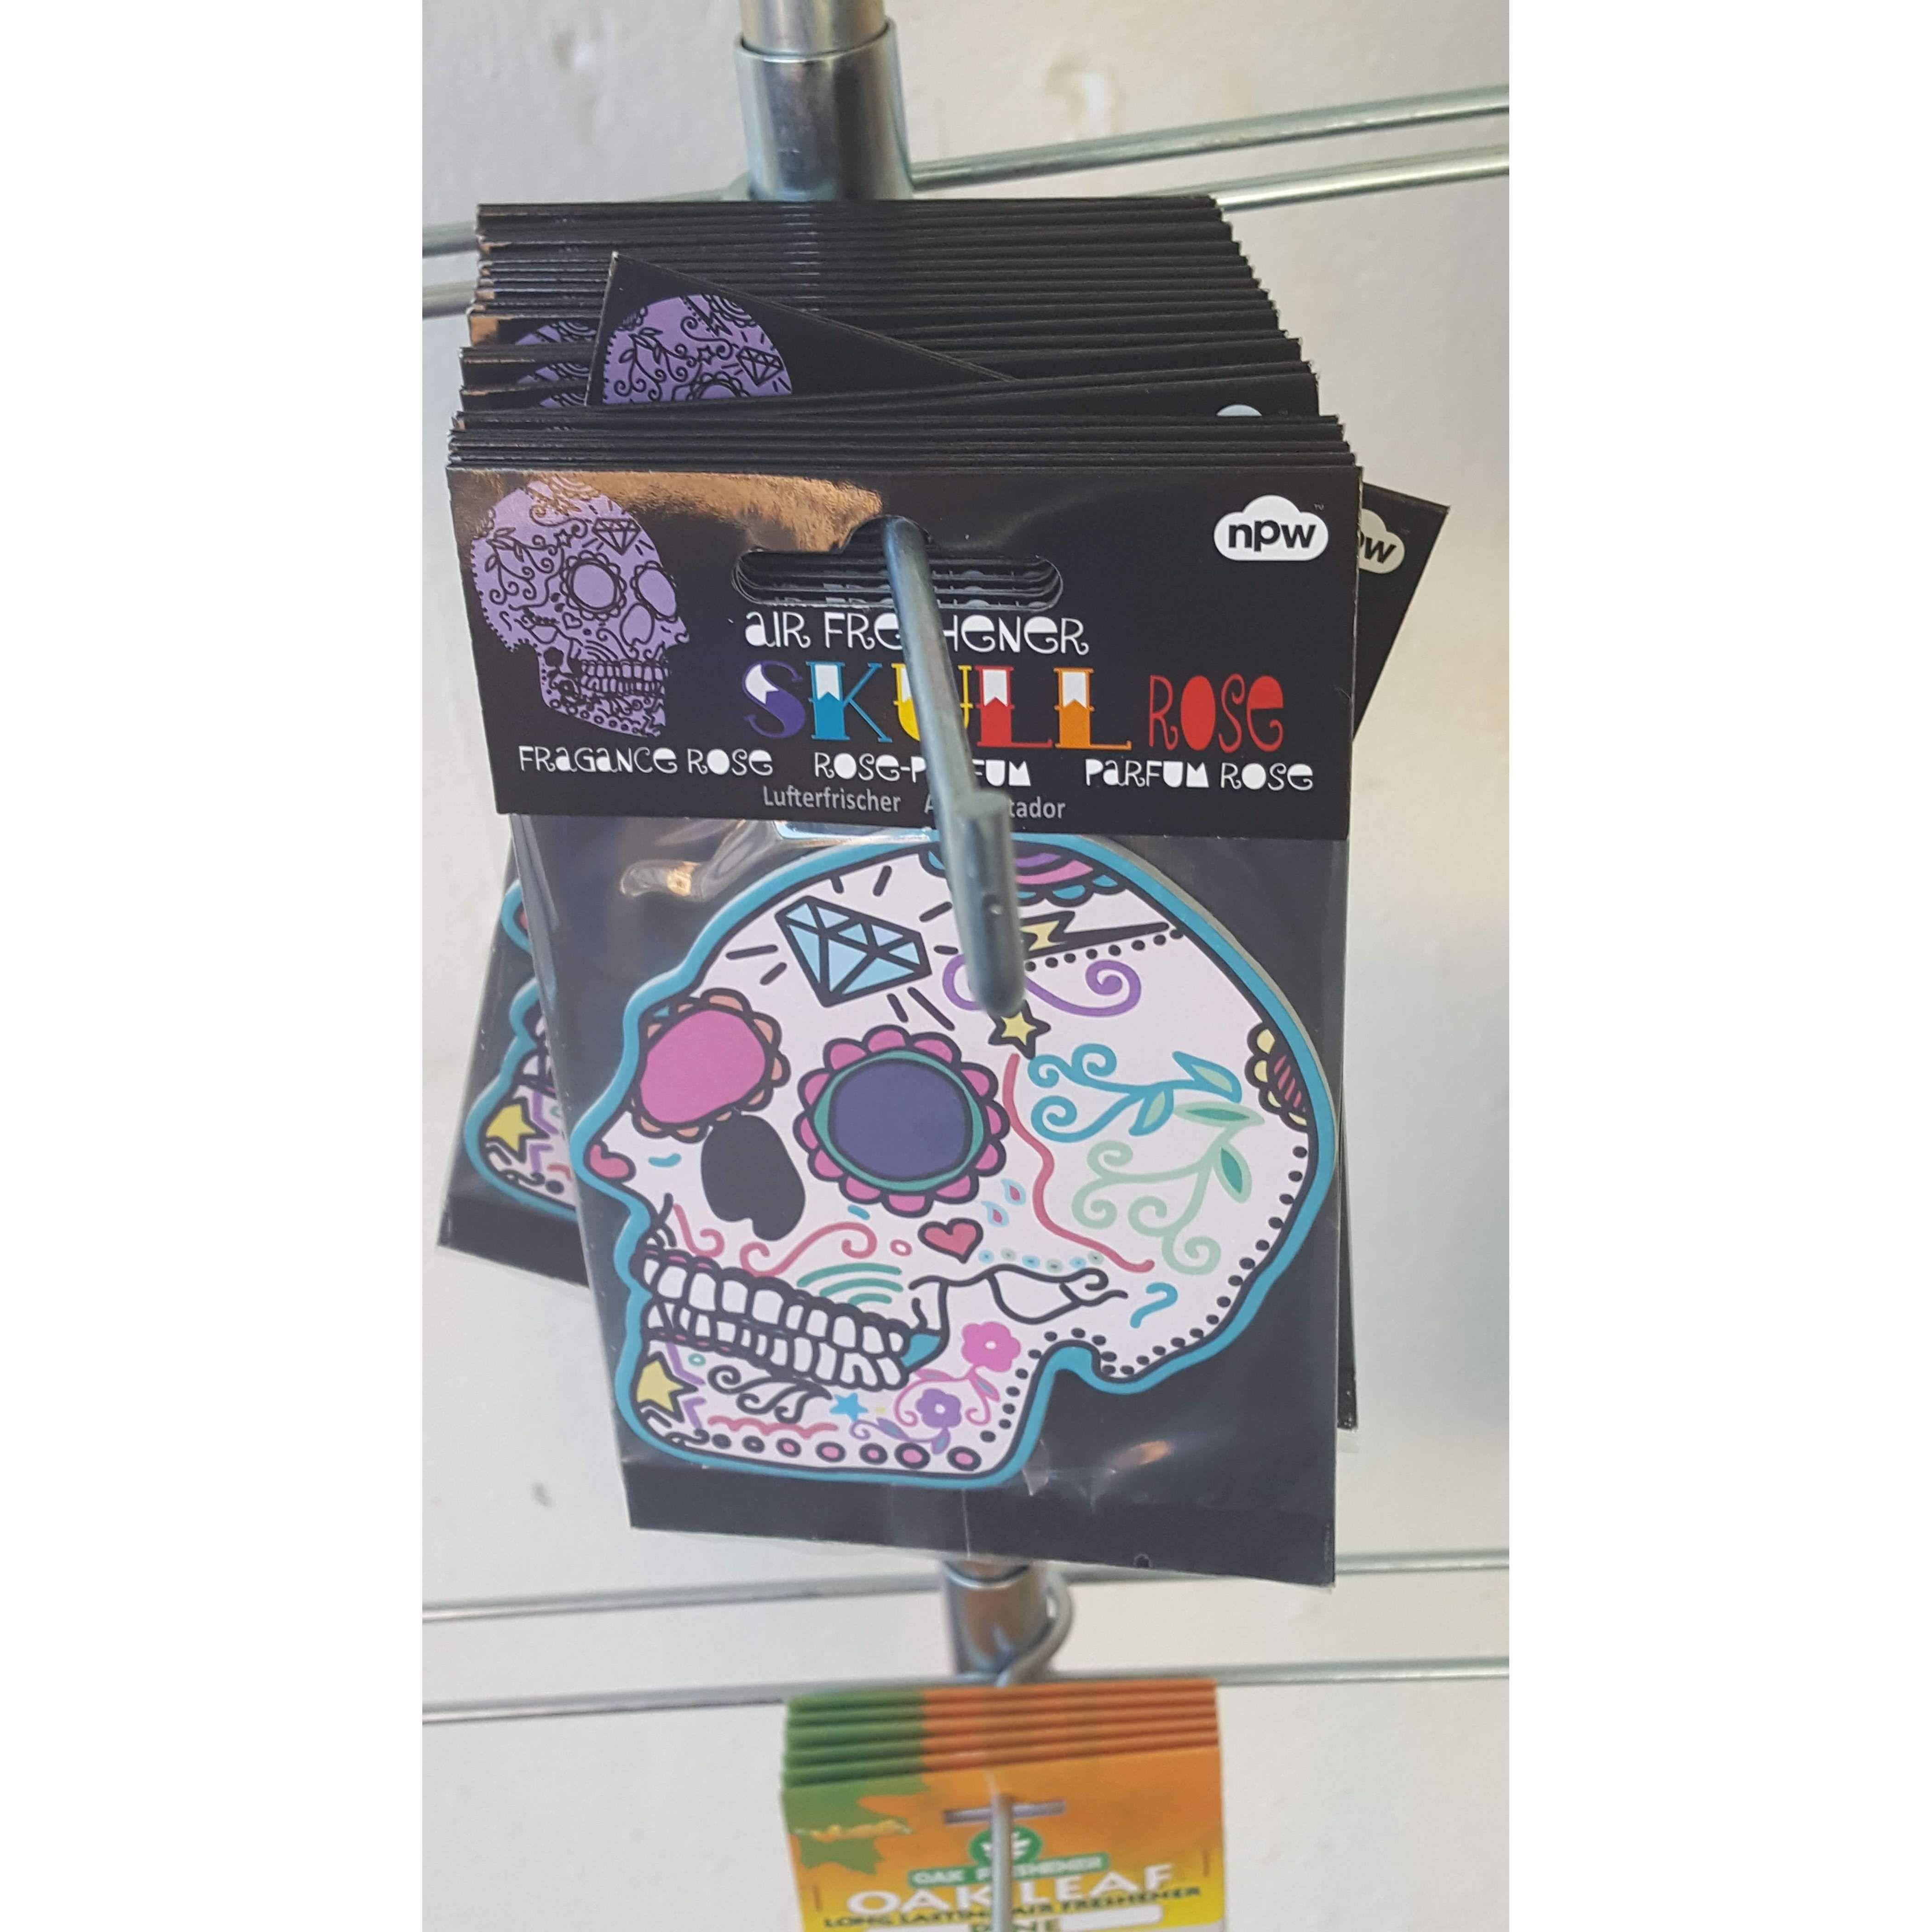 Sugar Skull Rose Fragrance Air Freshener  #design #gifts #gift #art #handmade #birthday #giftguide #designtimegnc #gifting #giftideas